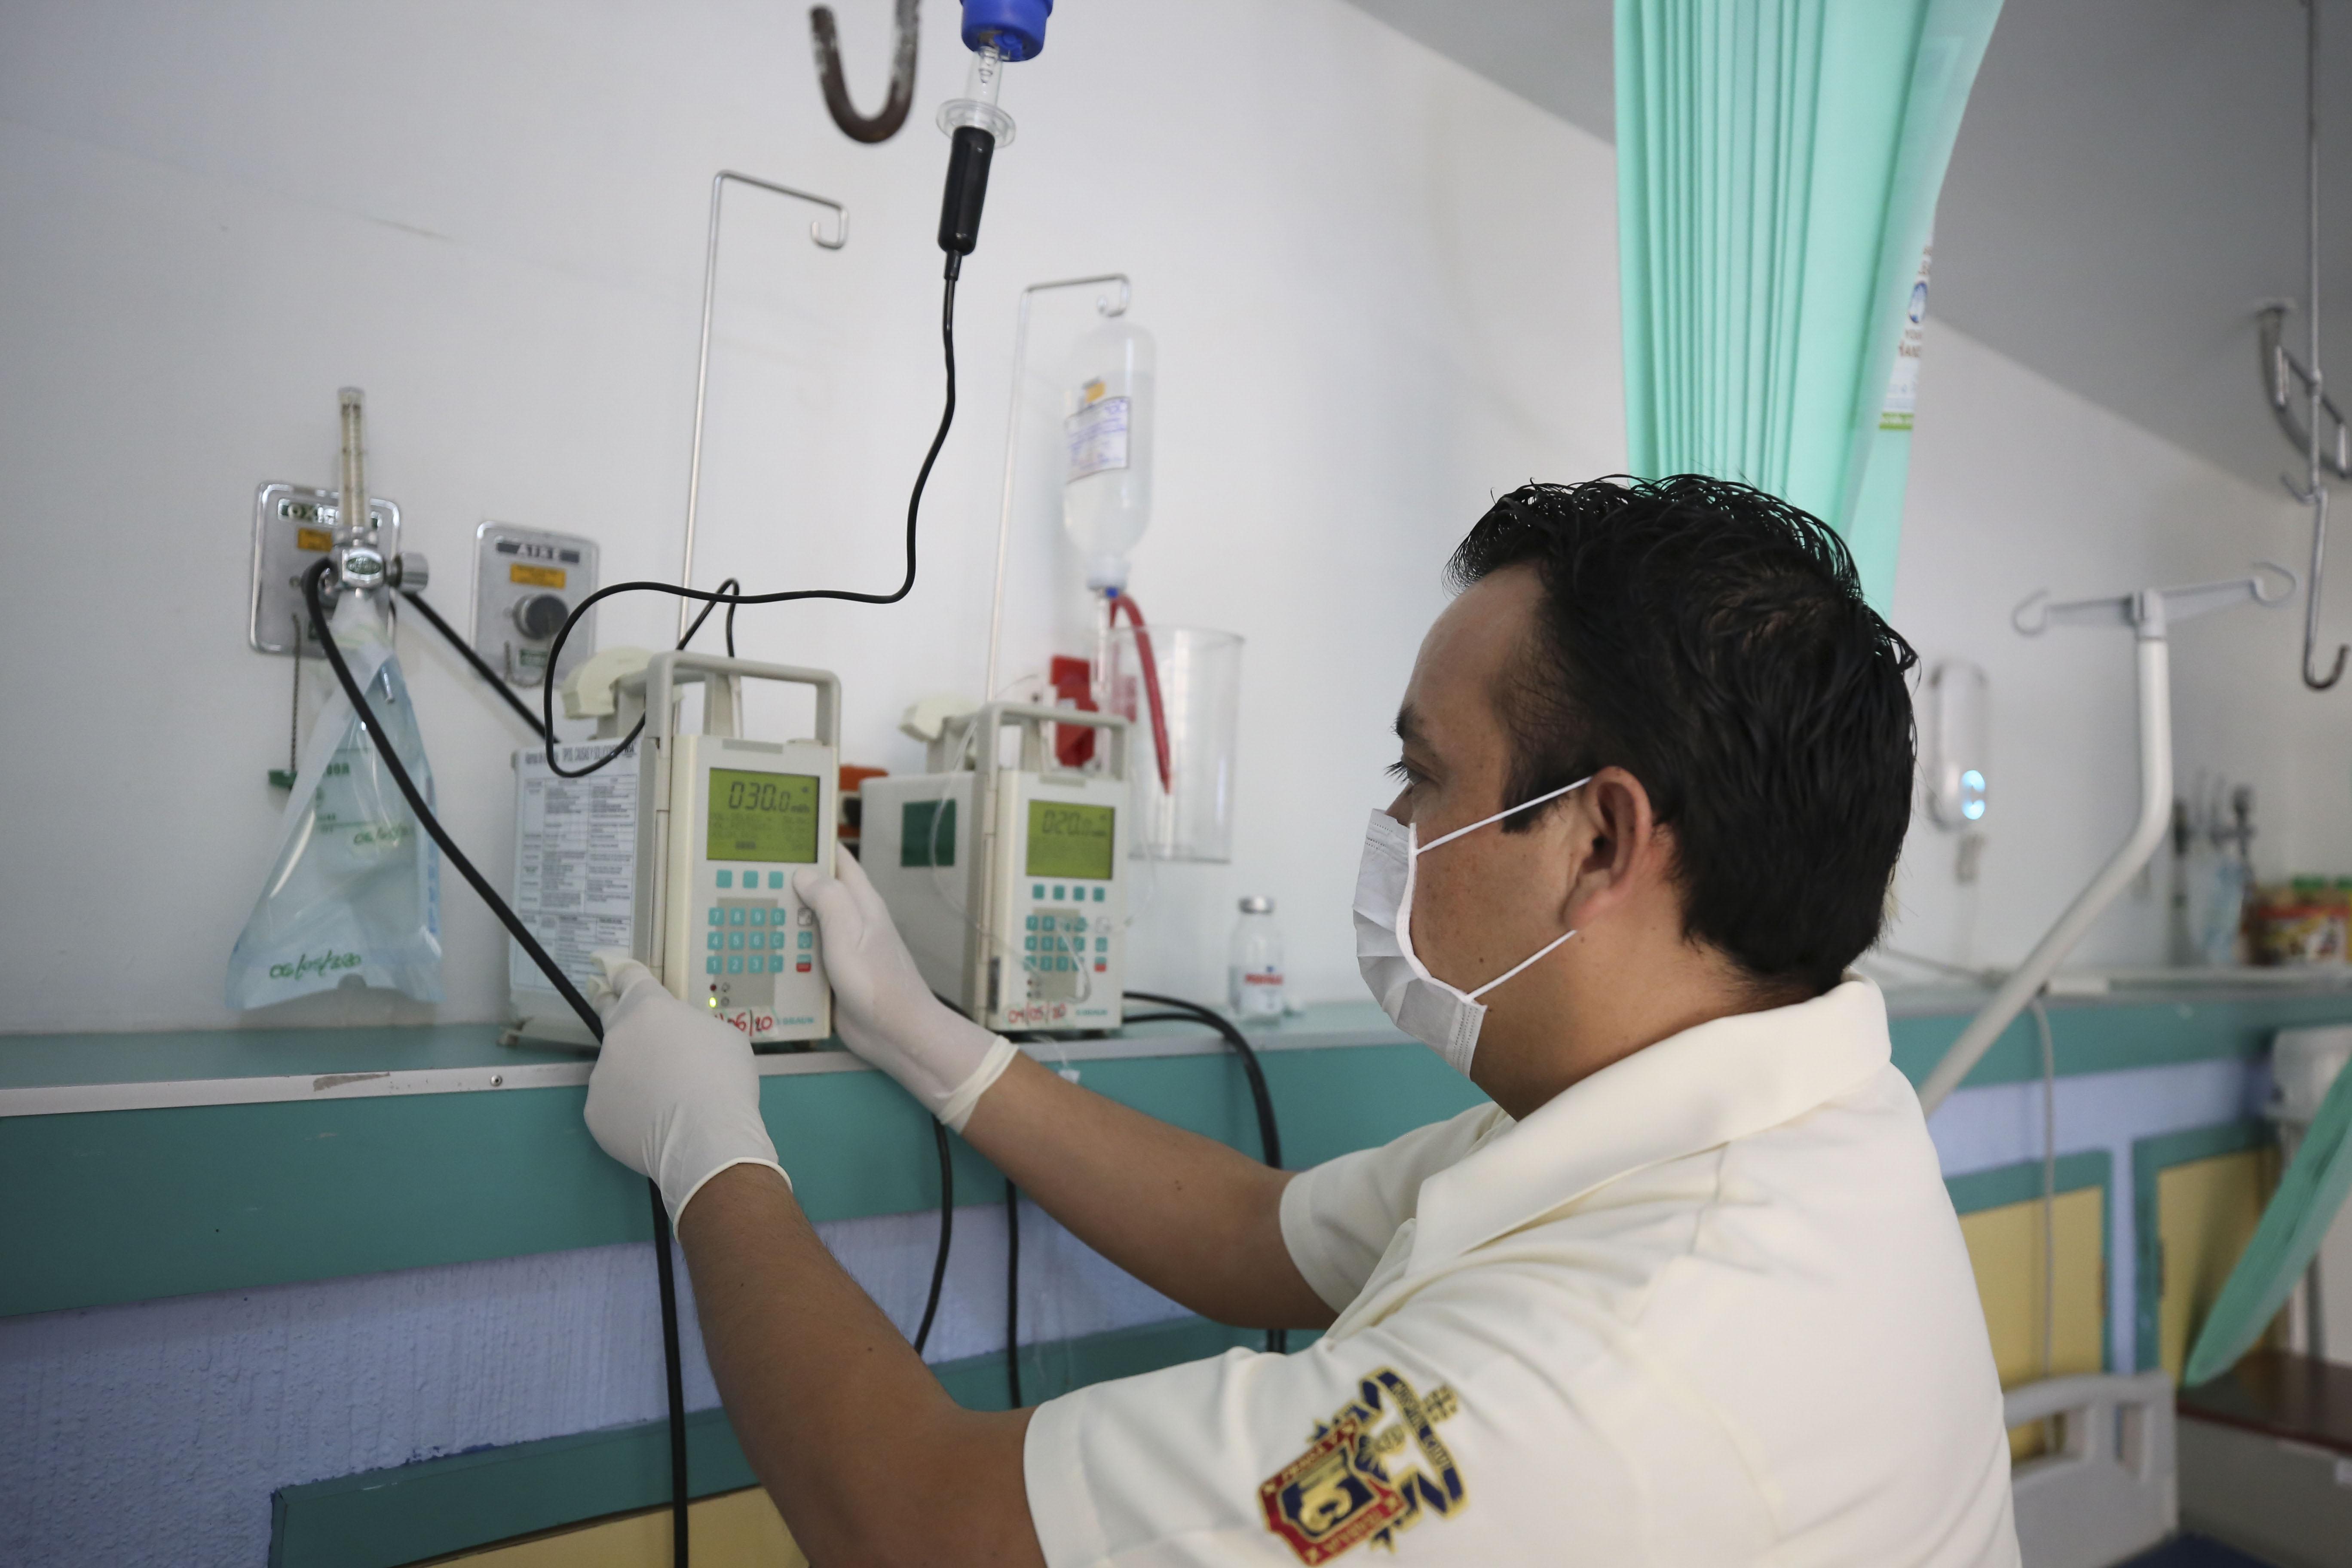 Un enfermero de perfil programando un equipo en la habitación de un hospital